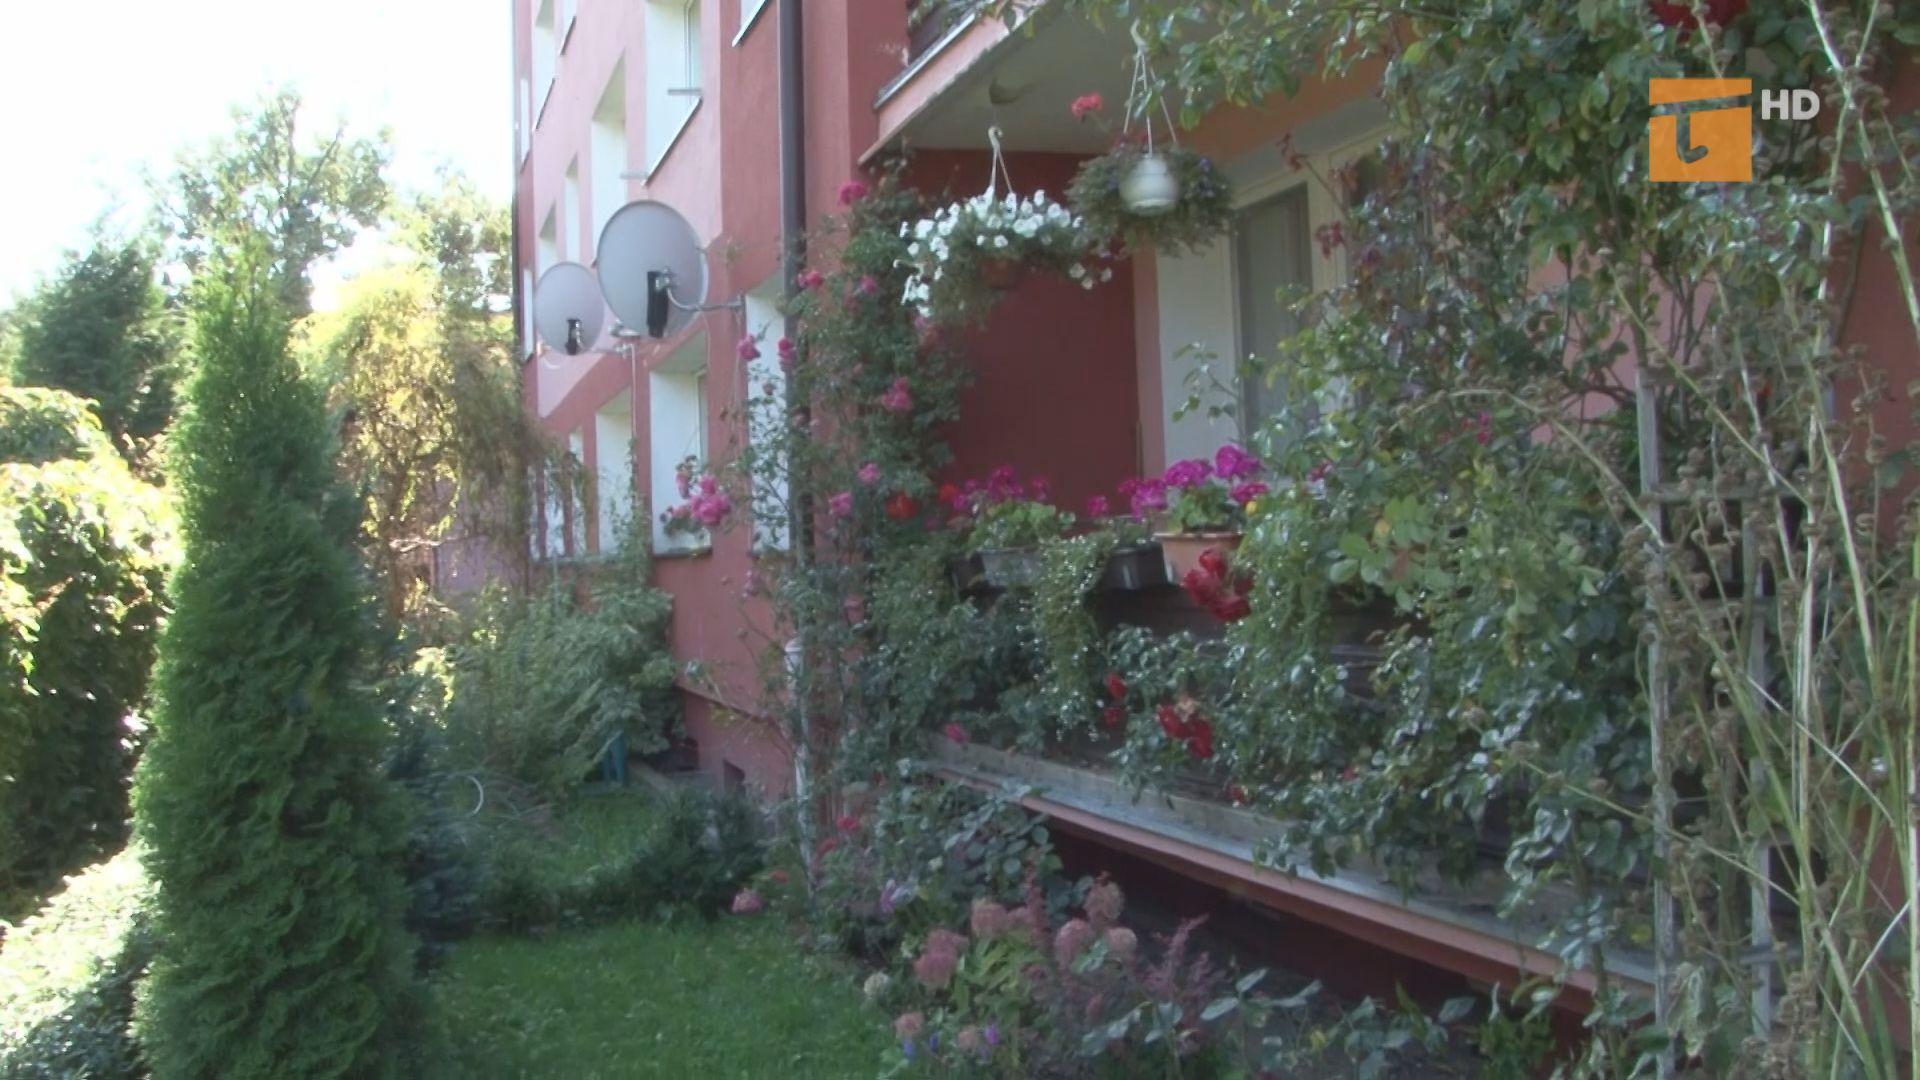 Rozpoczęła się kolejna edycja miejskiego konkursu związana z upiększaniem balkonów i otoczenia